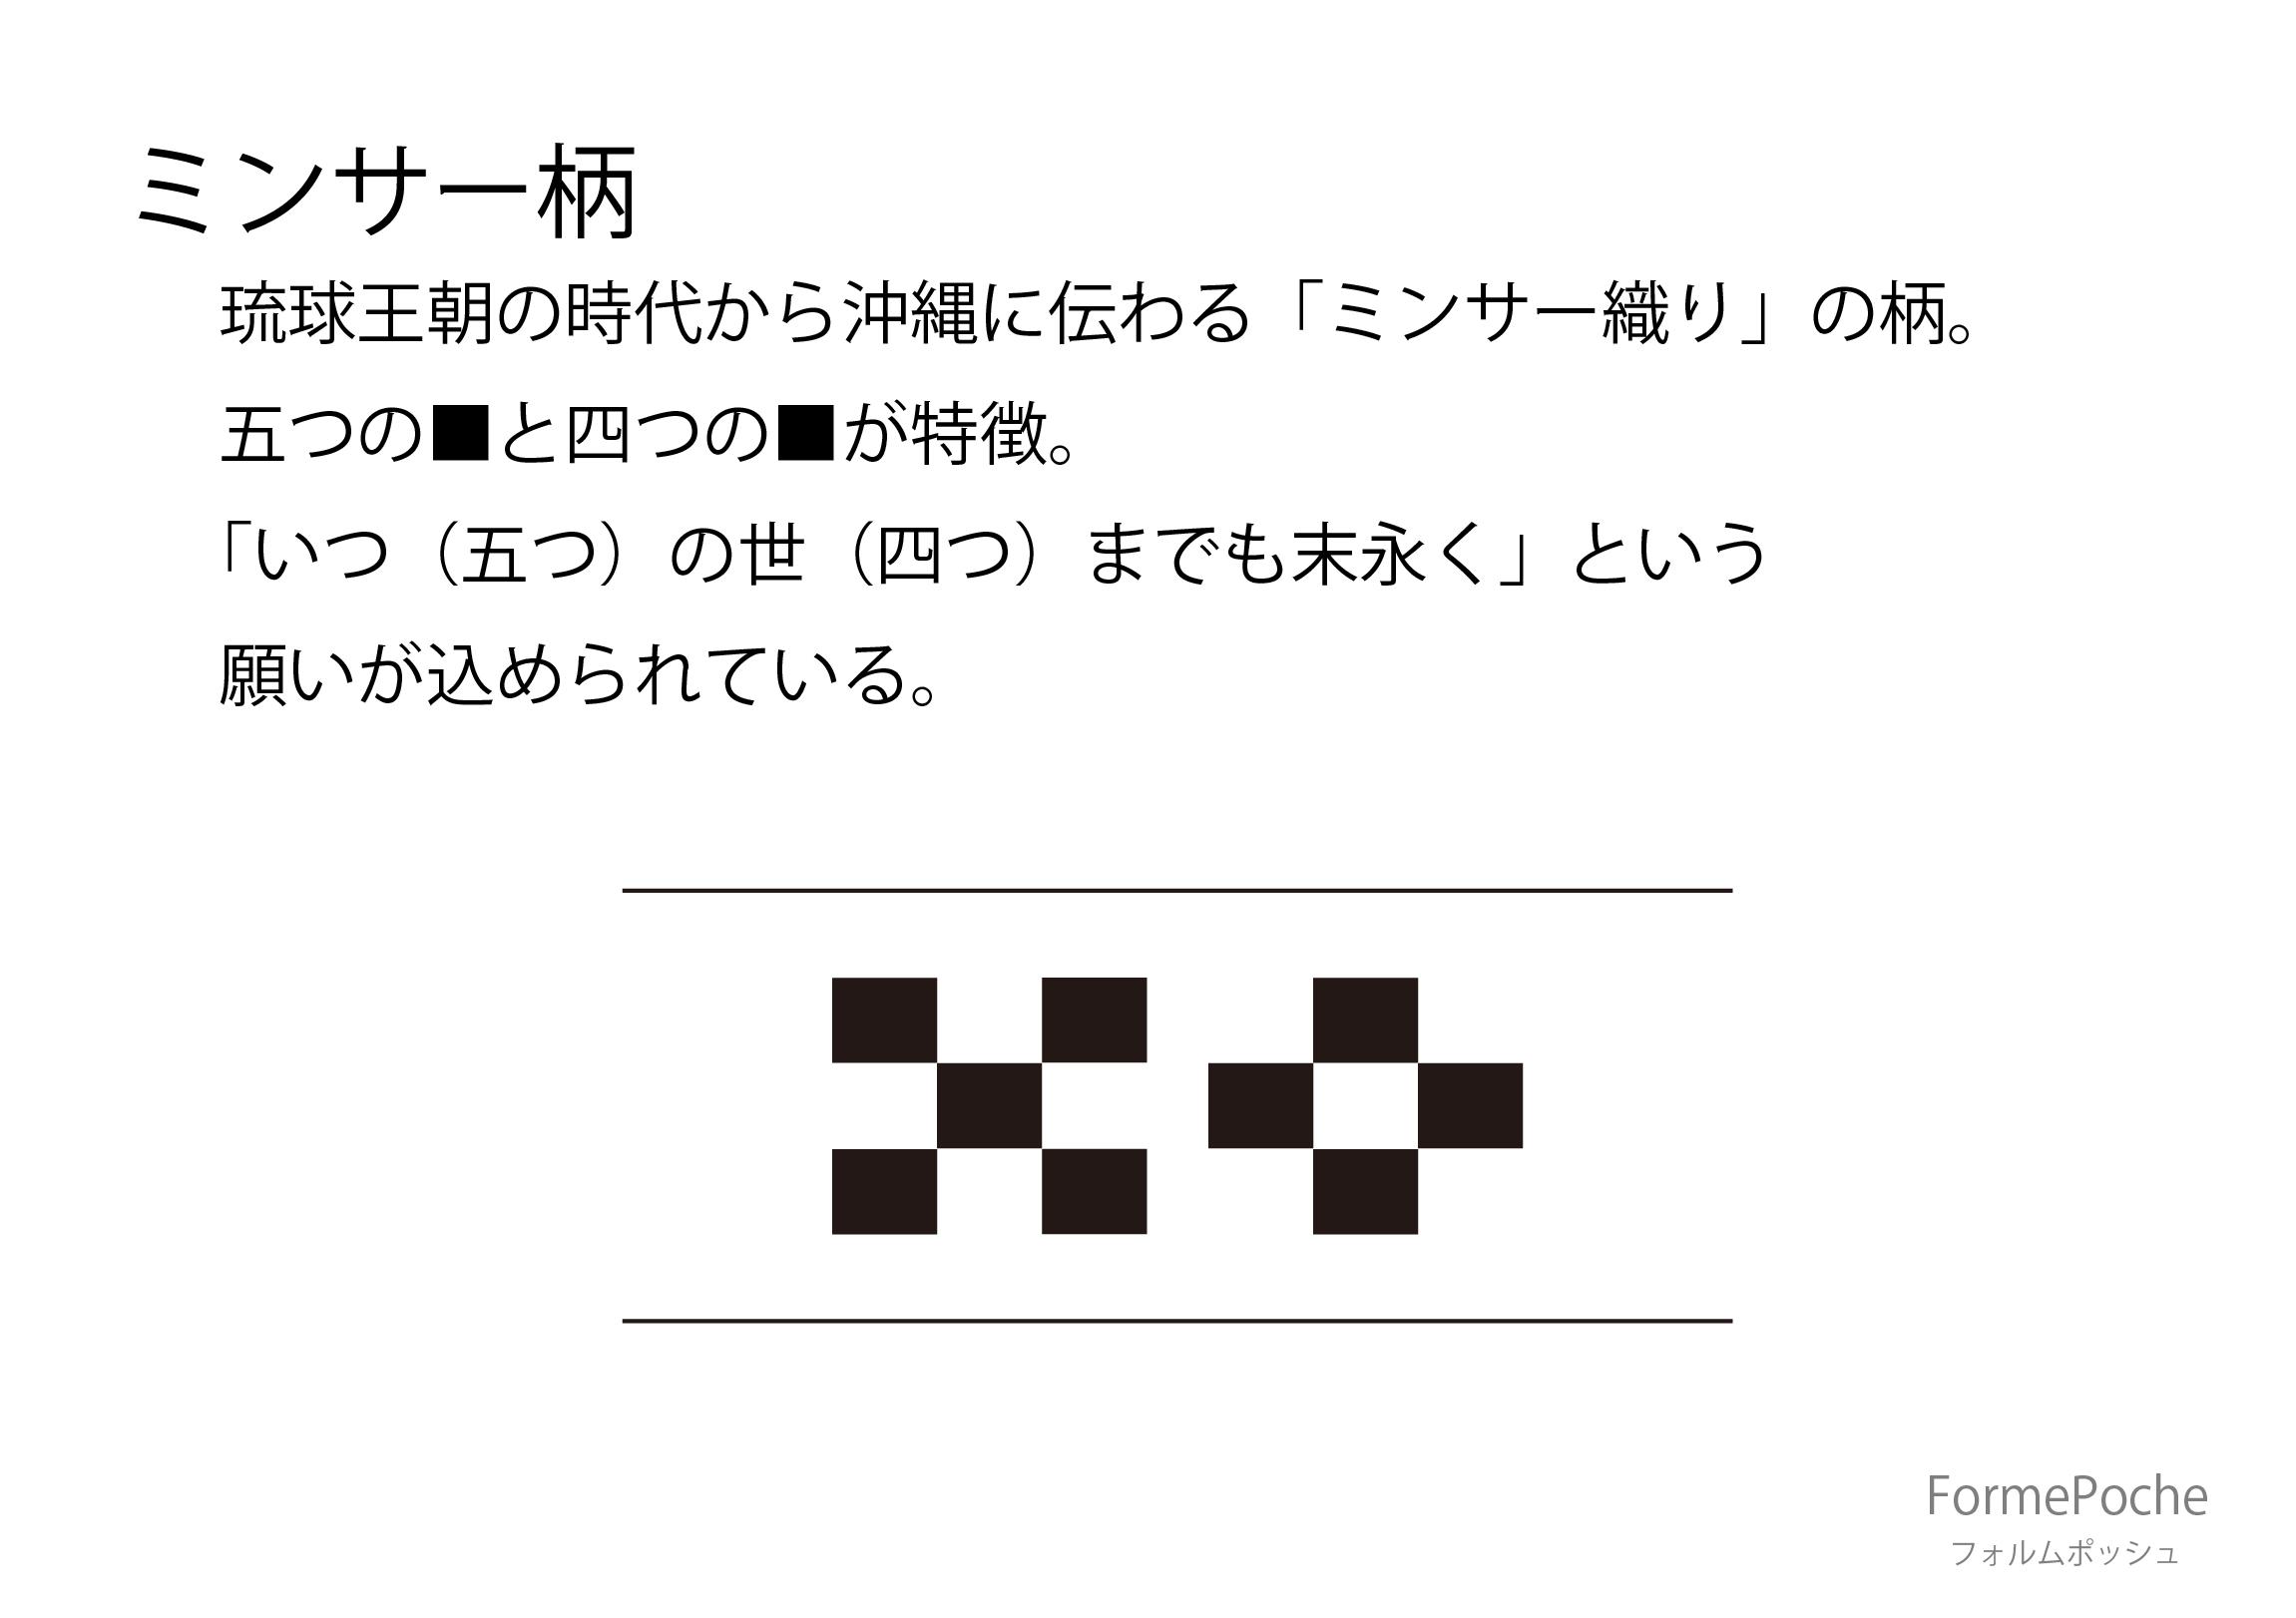 hi170914w1103 結婚指輪 大阪 シンプル 内側 刻印モチーフ ミンサー柄